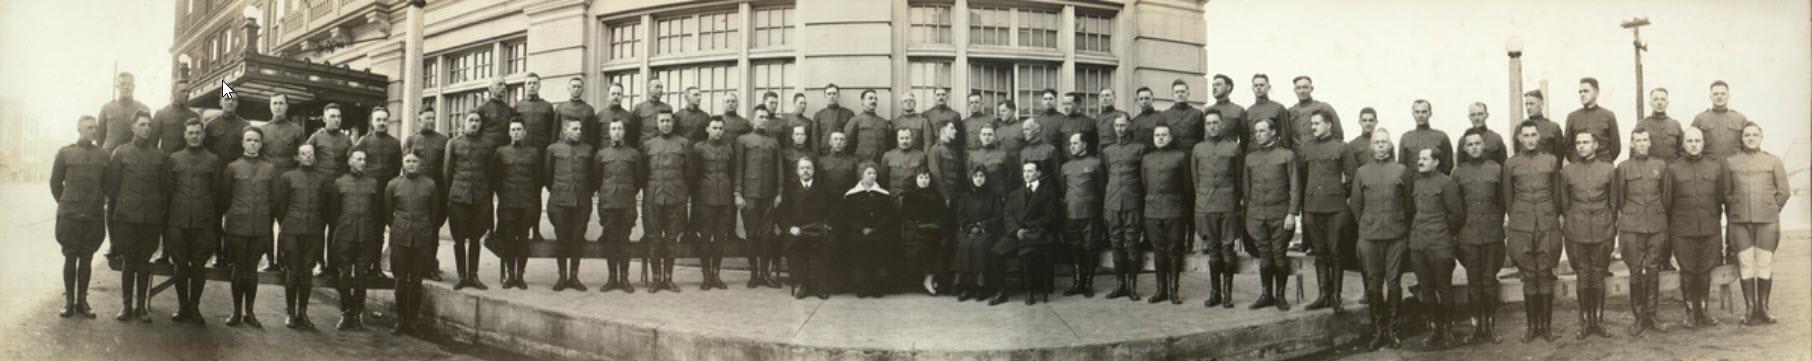 friedmans' 1918 class photo